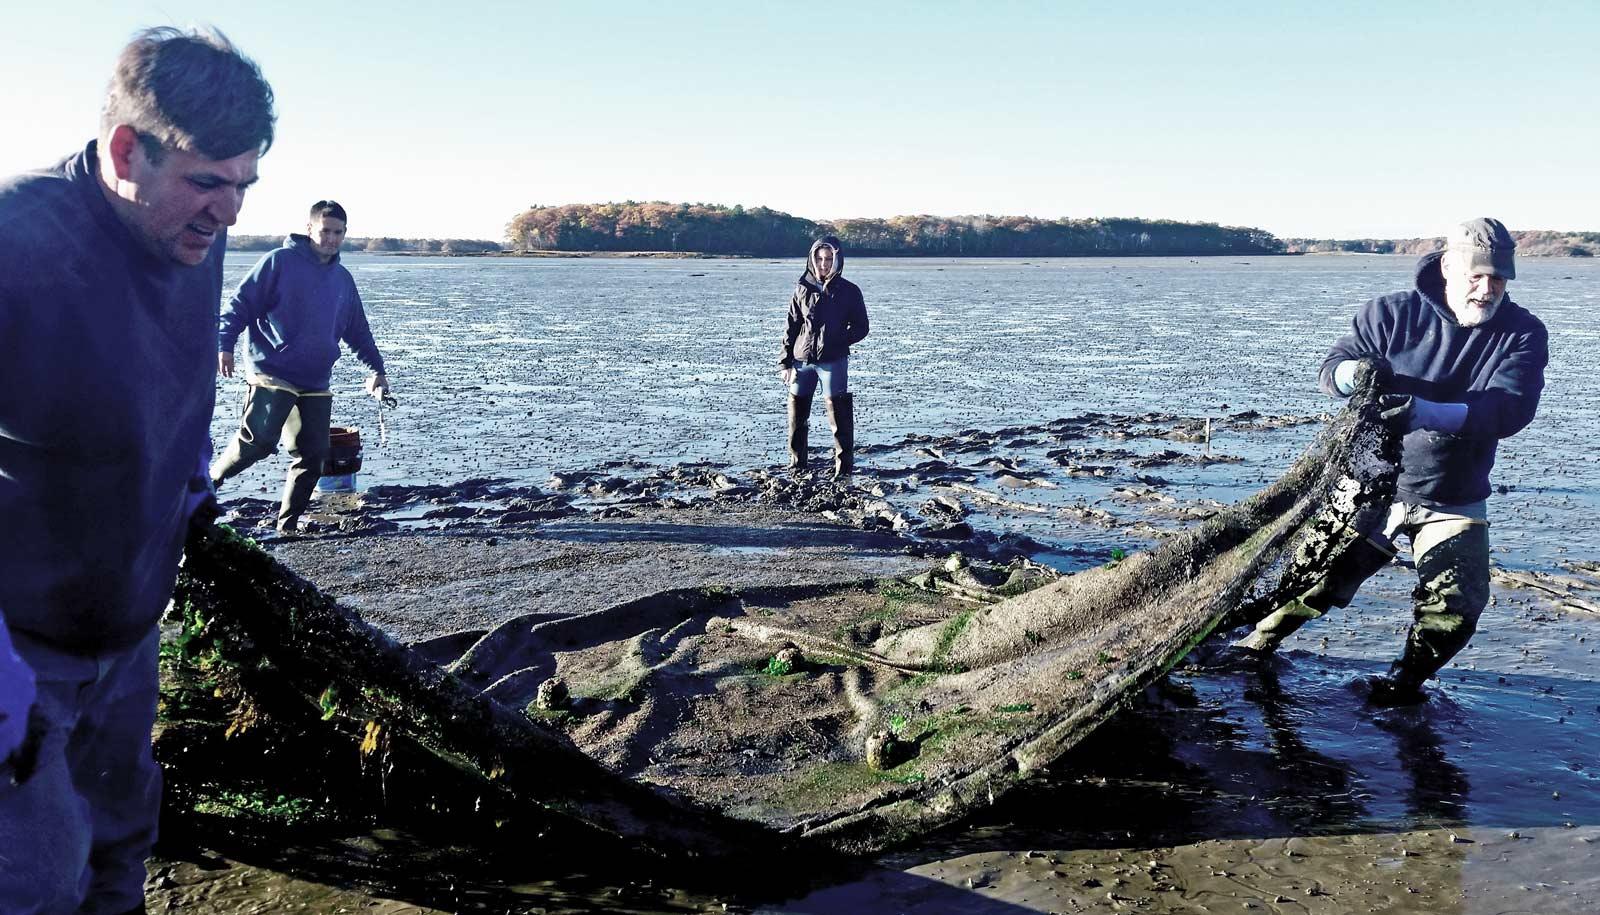 clammers haul net on beach